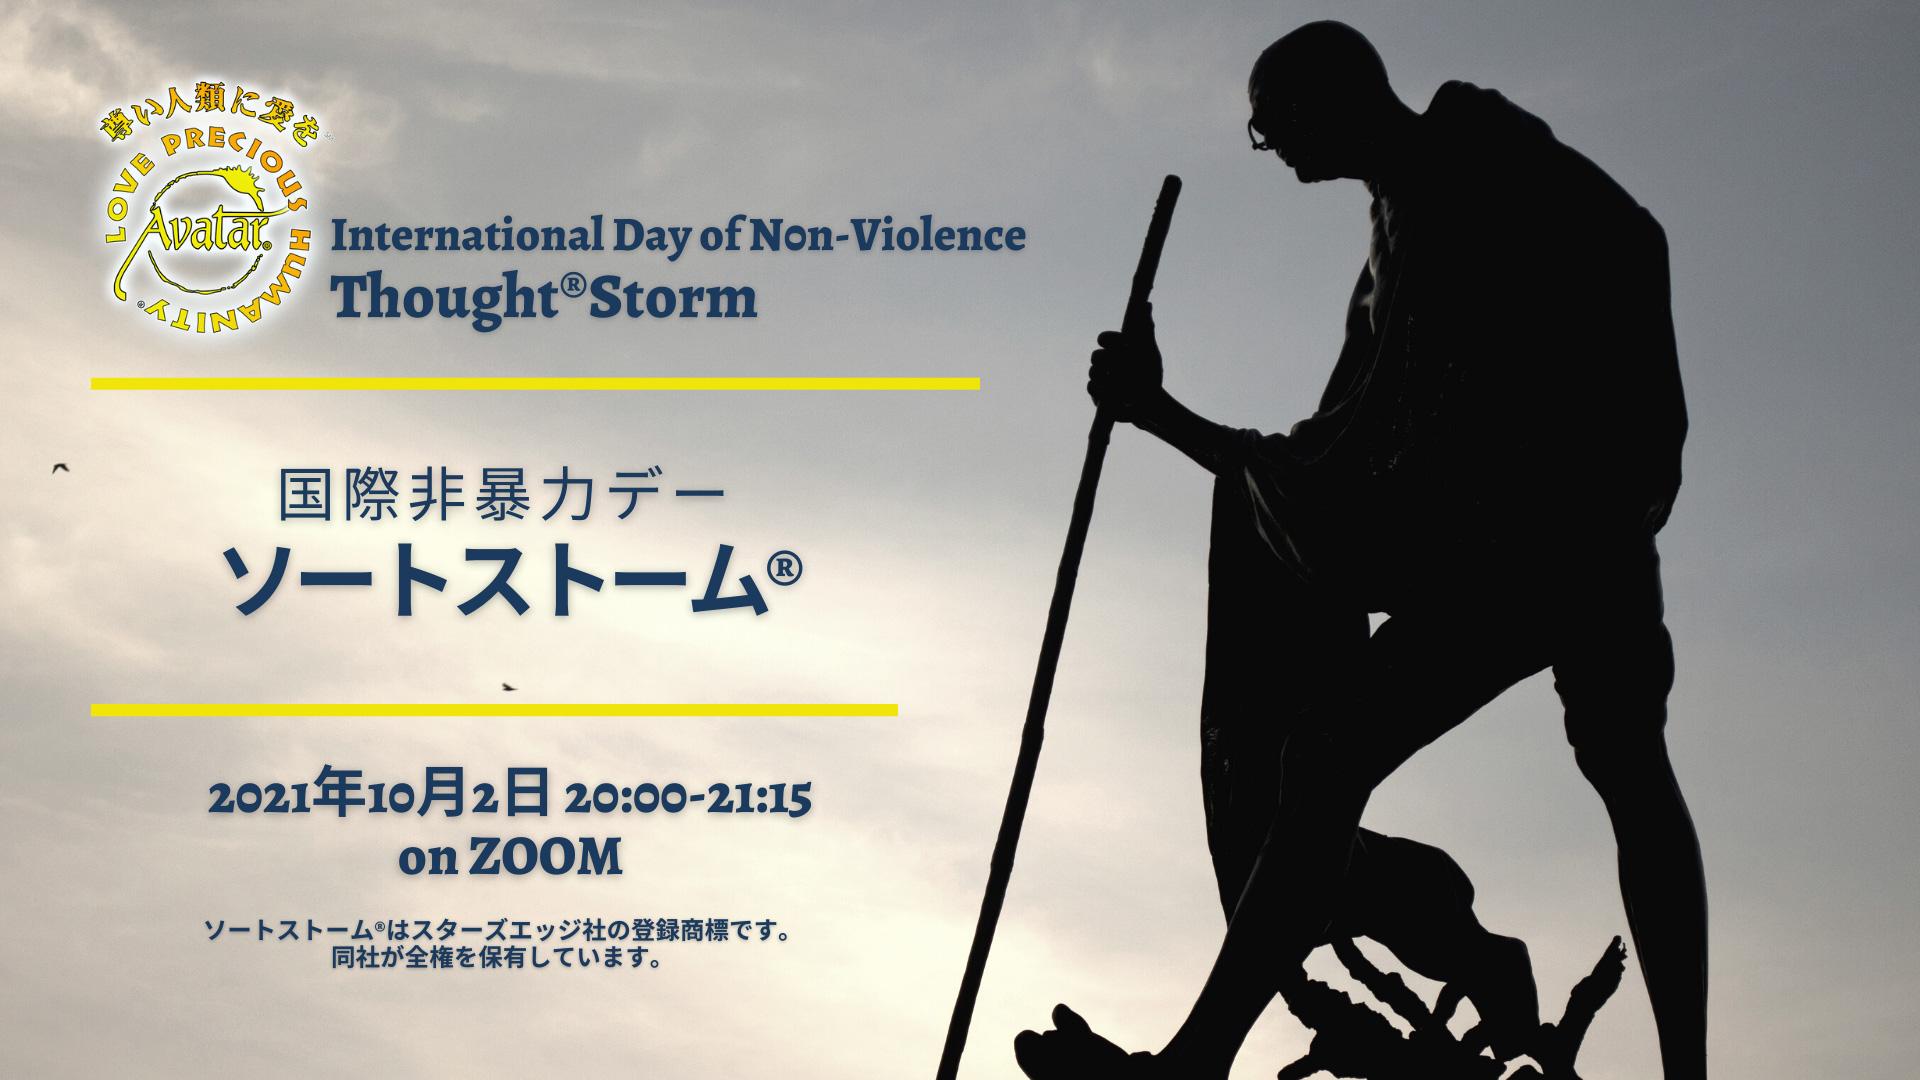 国際非暴力デー